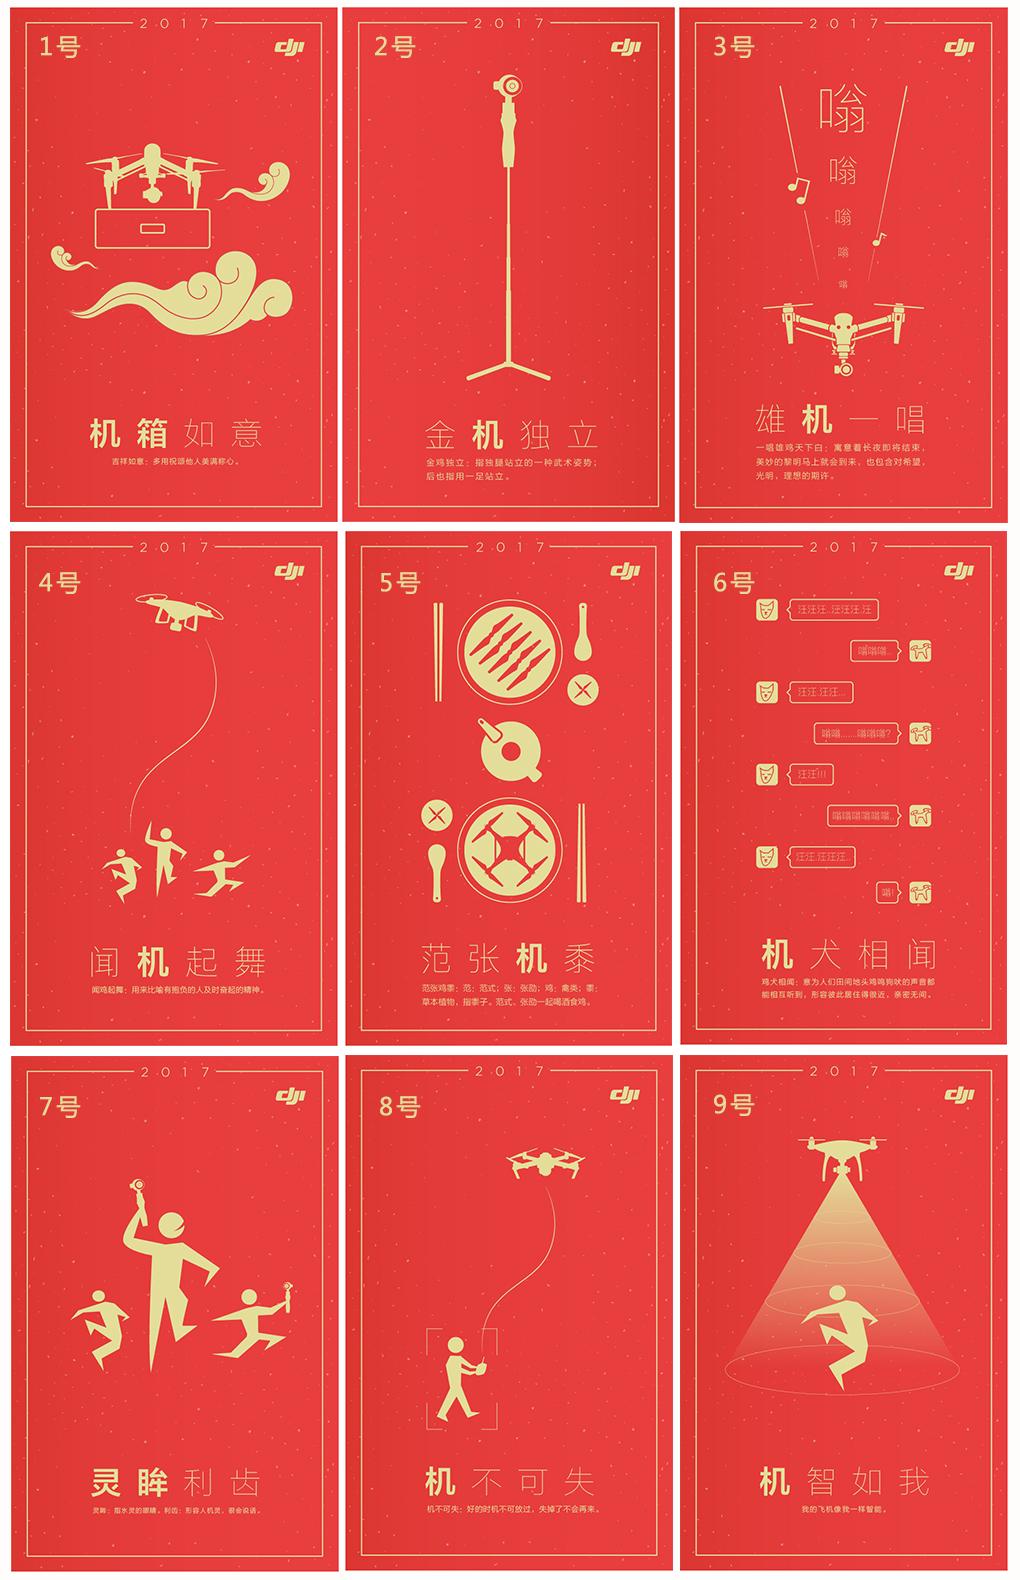 红包合集.jpg